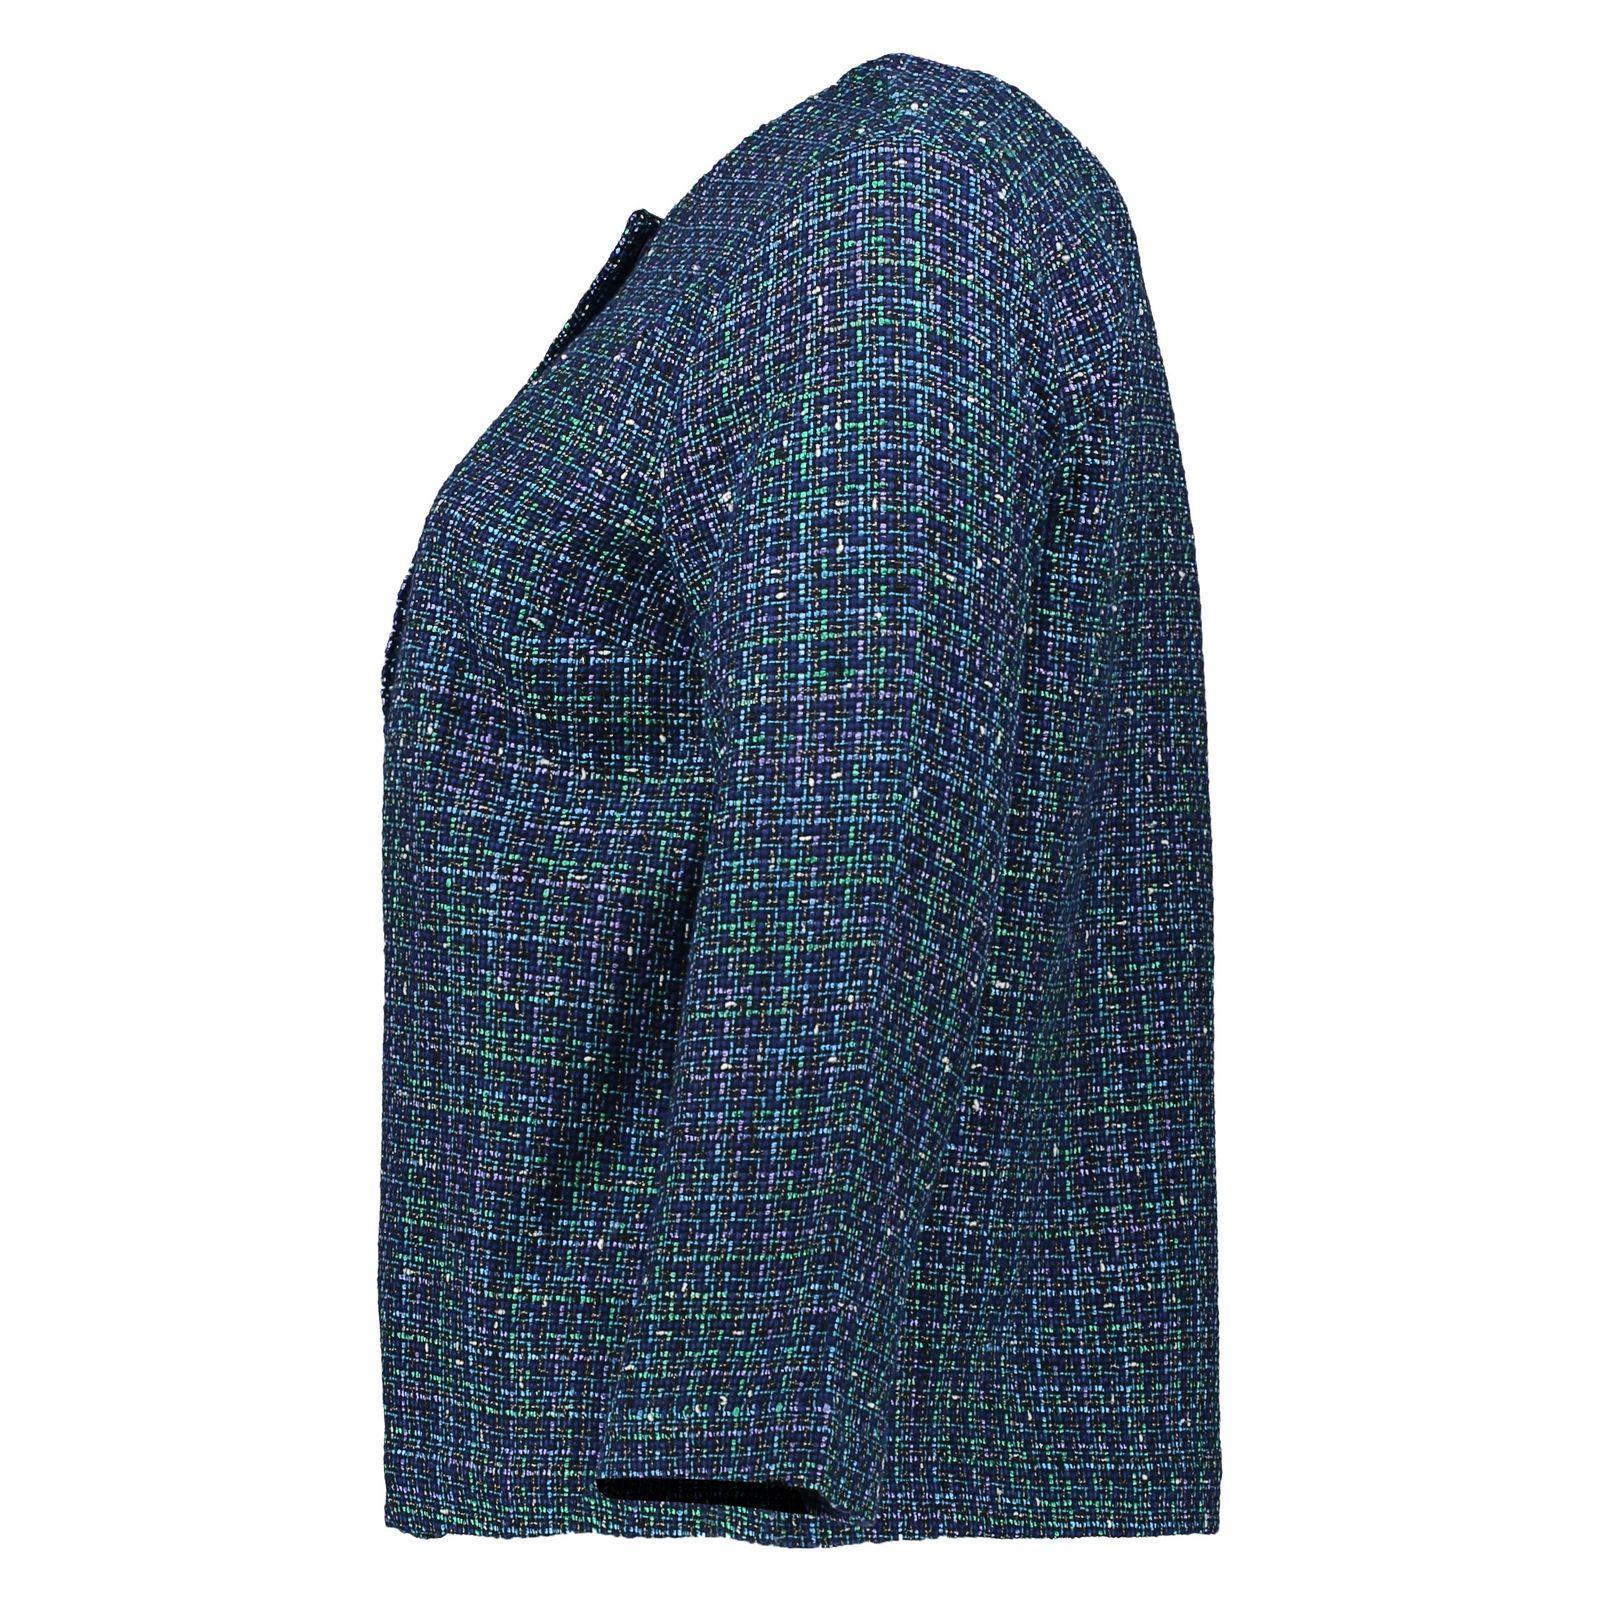 کت نخی کوتاه زنانه - یوپیم - آبي و سبز - 2